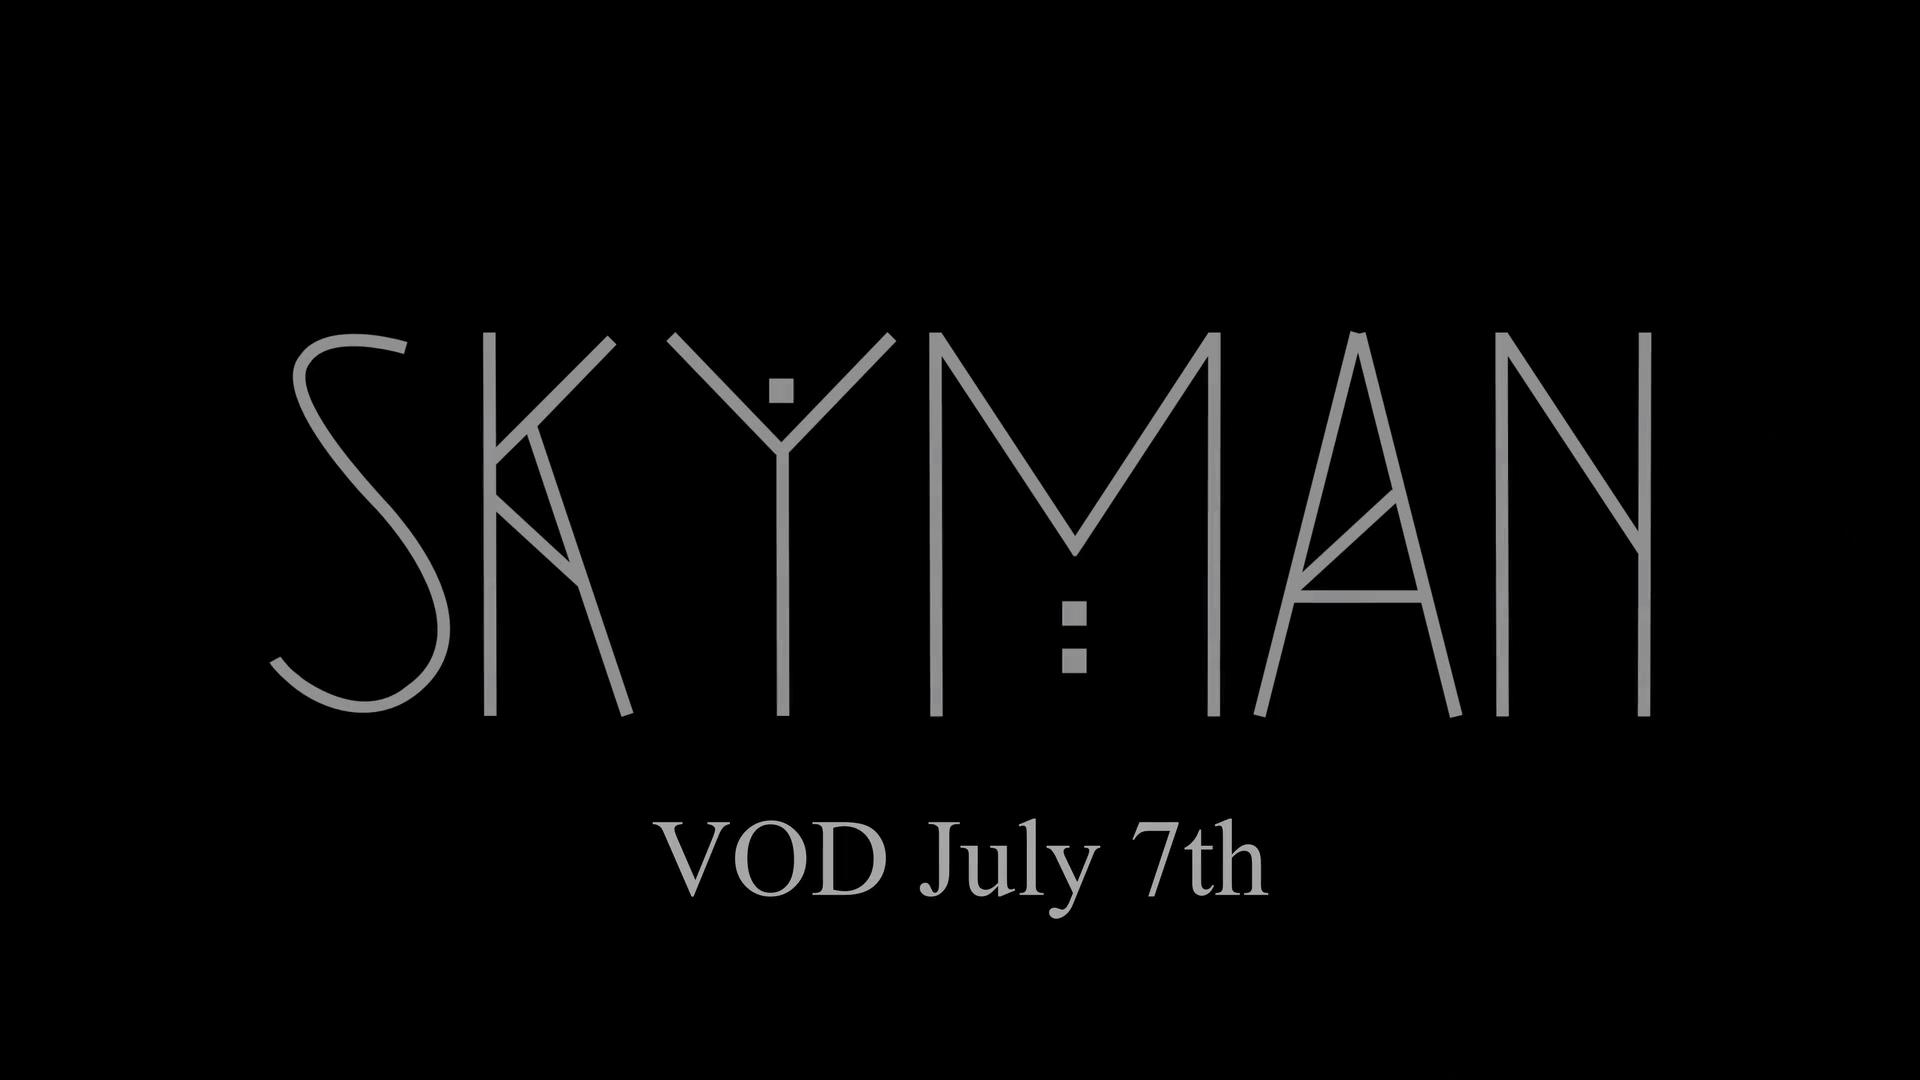 SKYMAN movie trailer